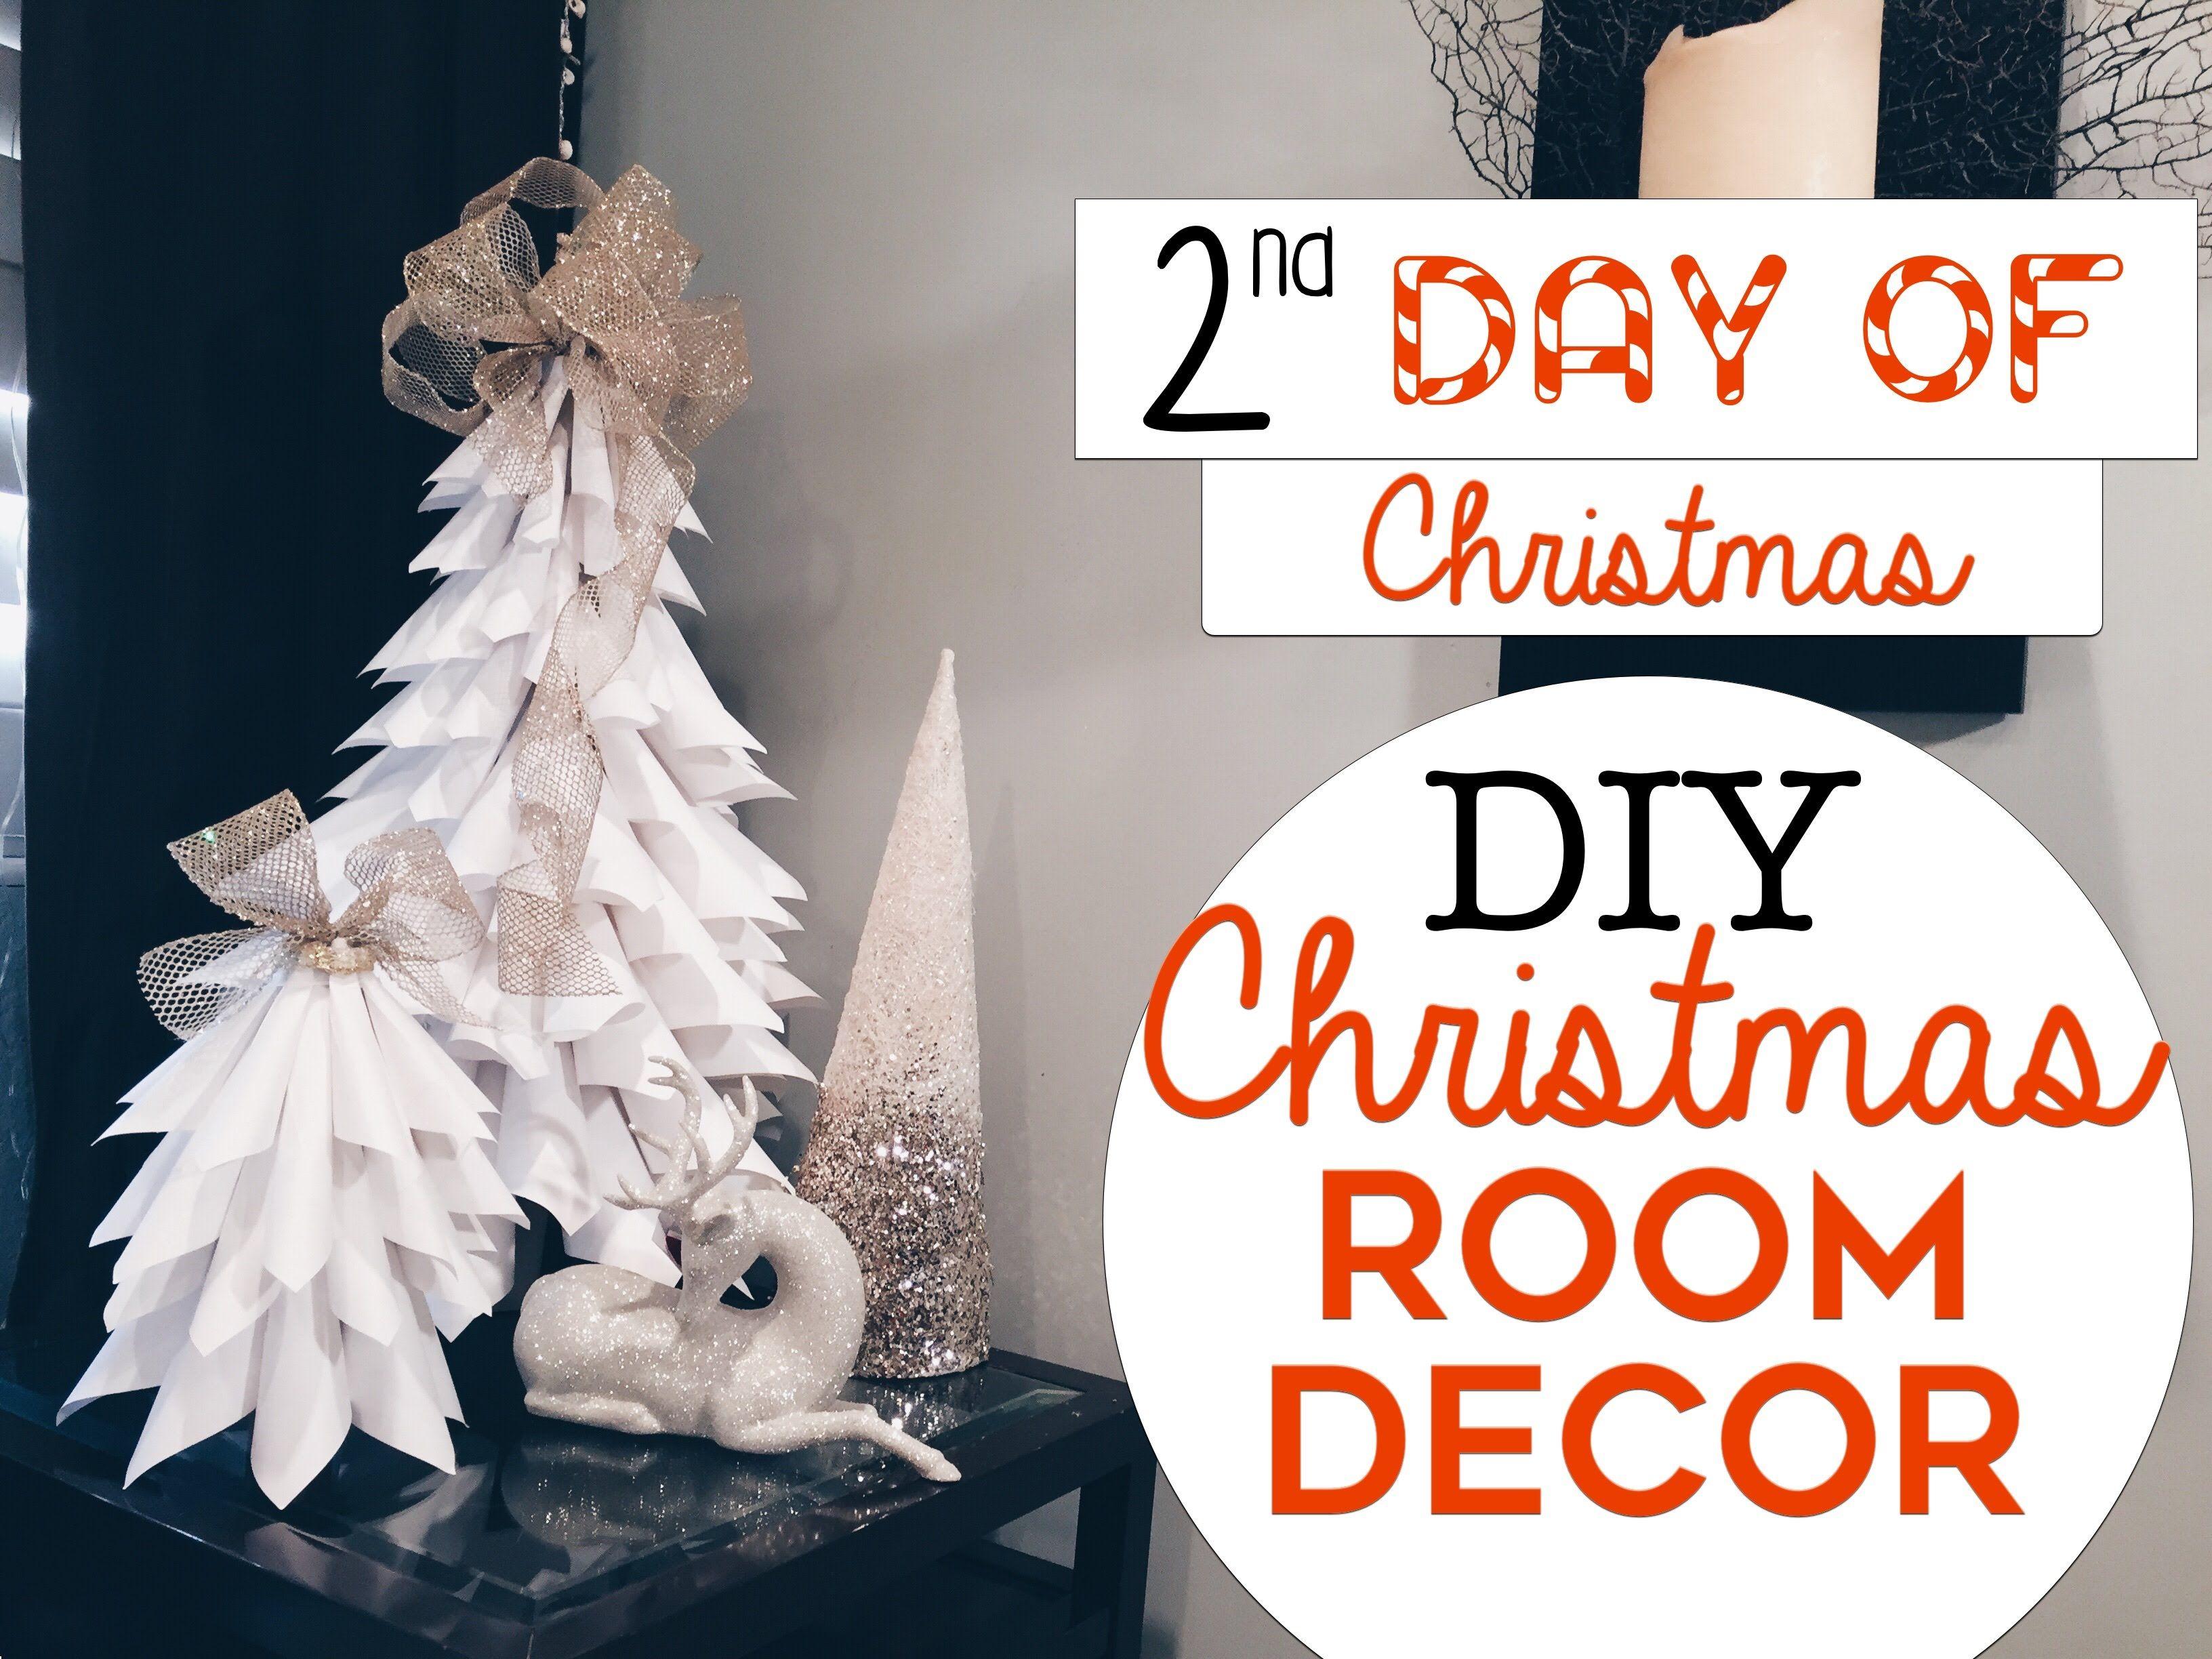 3 easy christmas room decor diys 2nd day of christmas diy christma